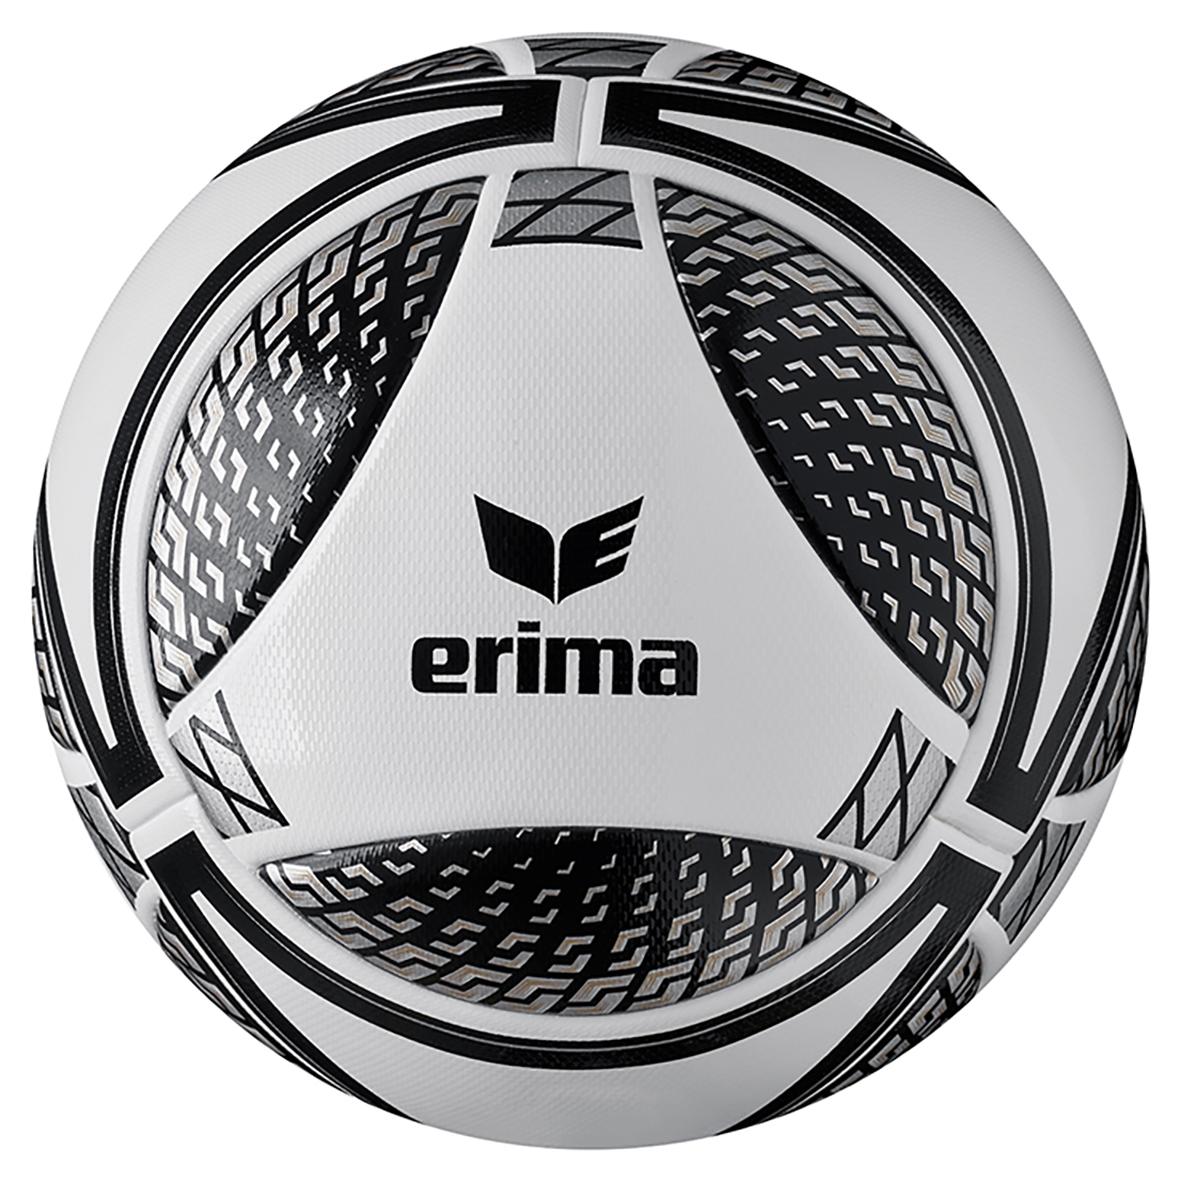 Erima Exclusive Valve Needles Set Of 3